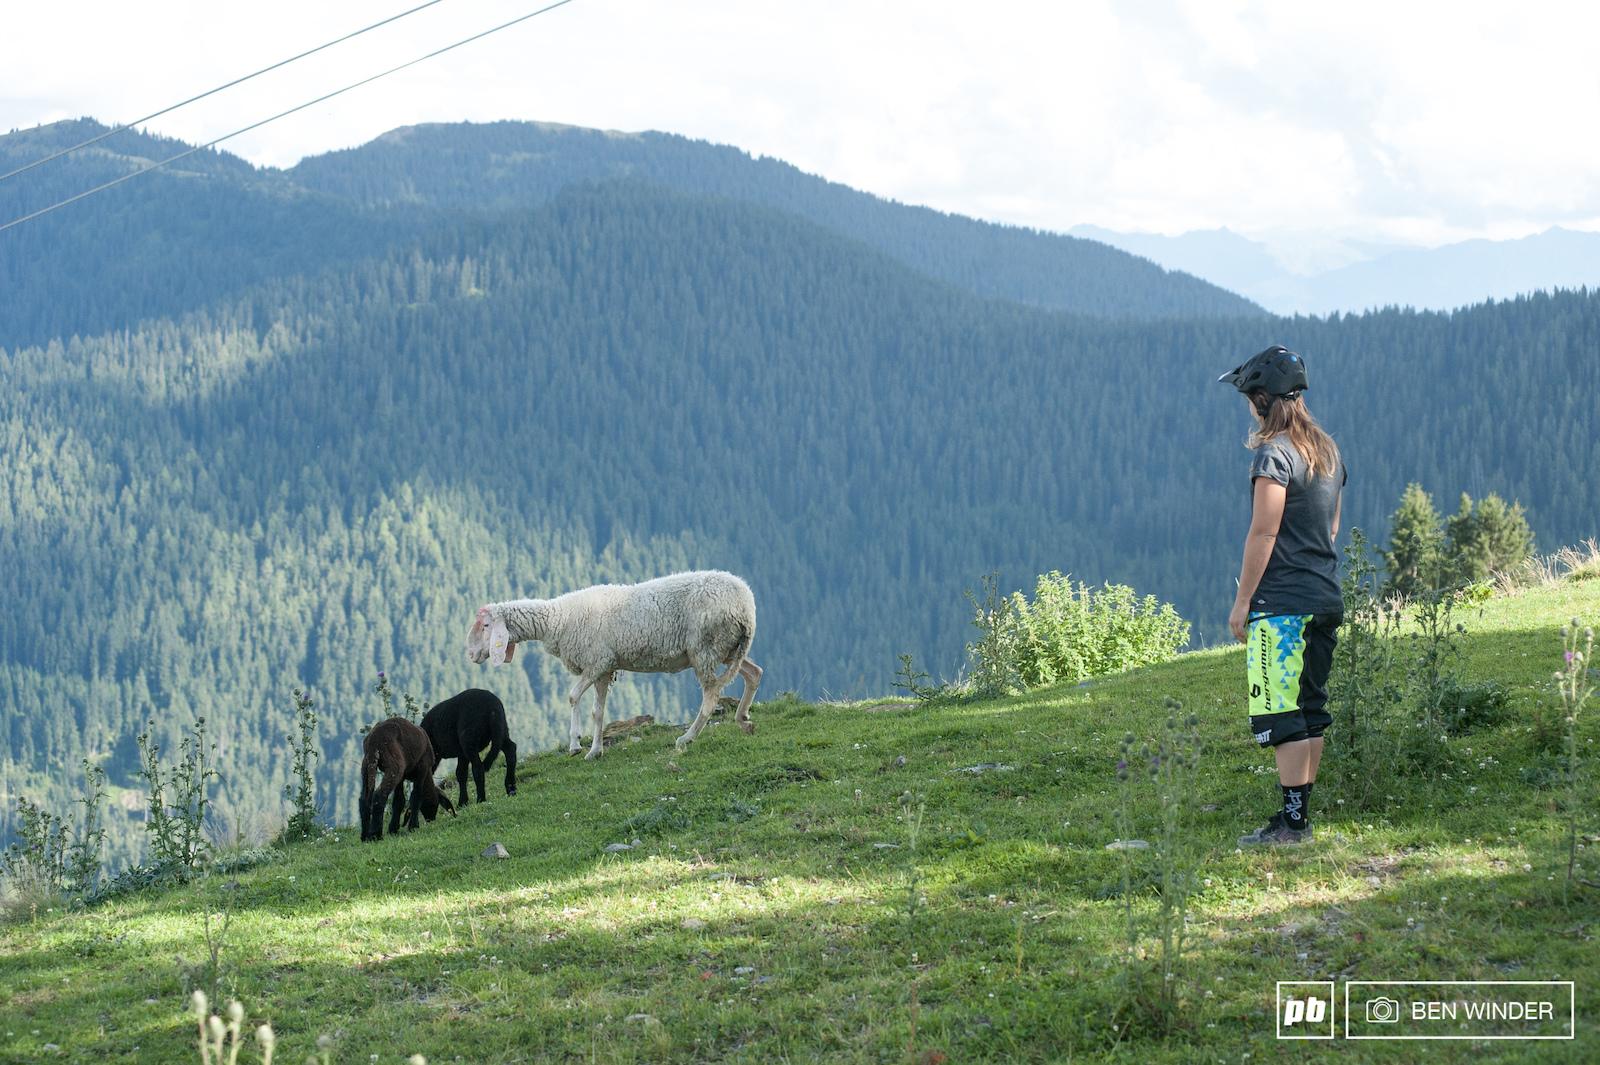 Morgane sheepishly approaching wild mountain animals.